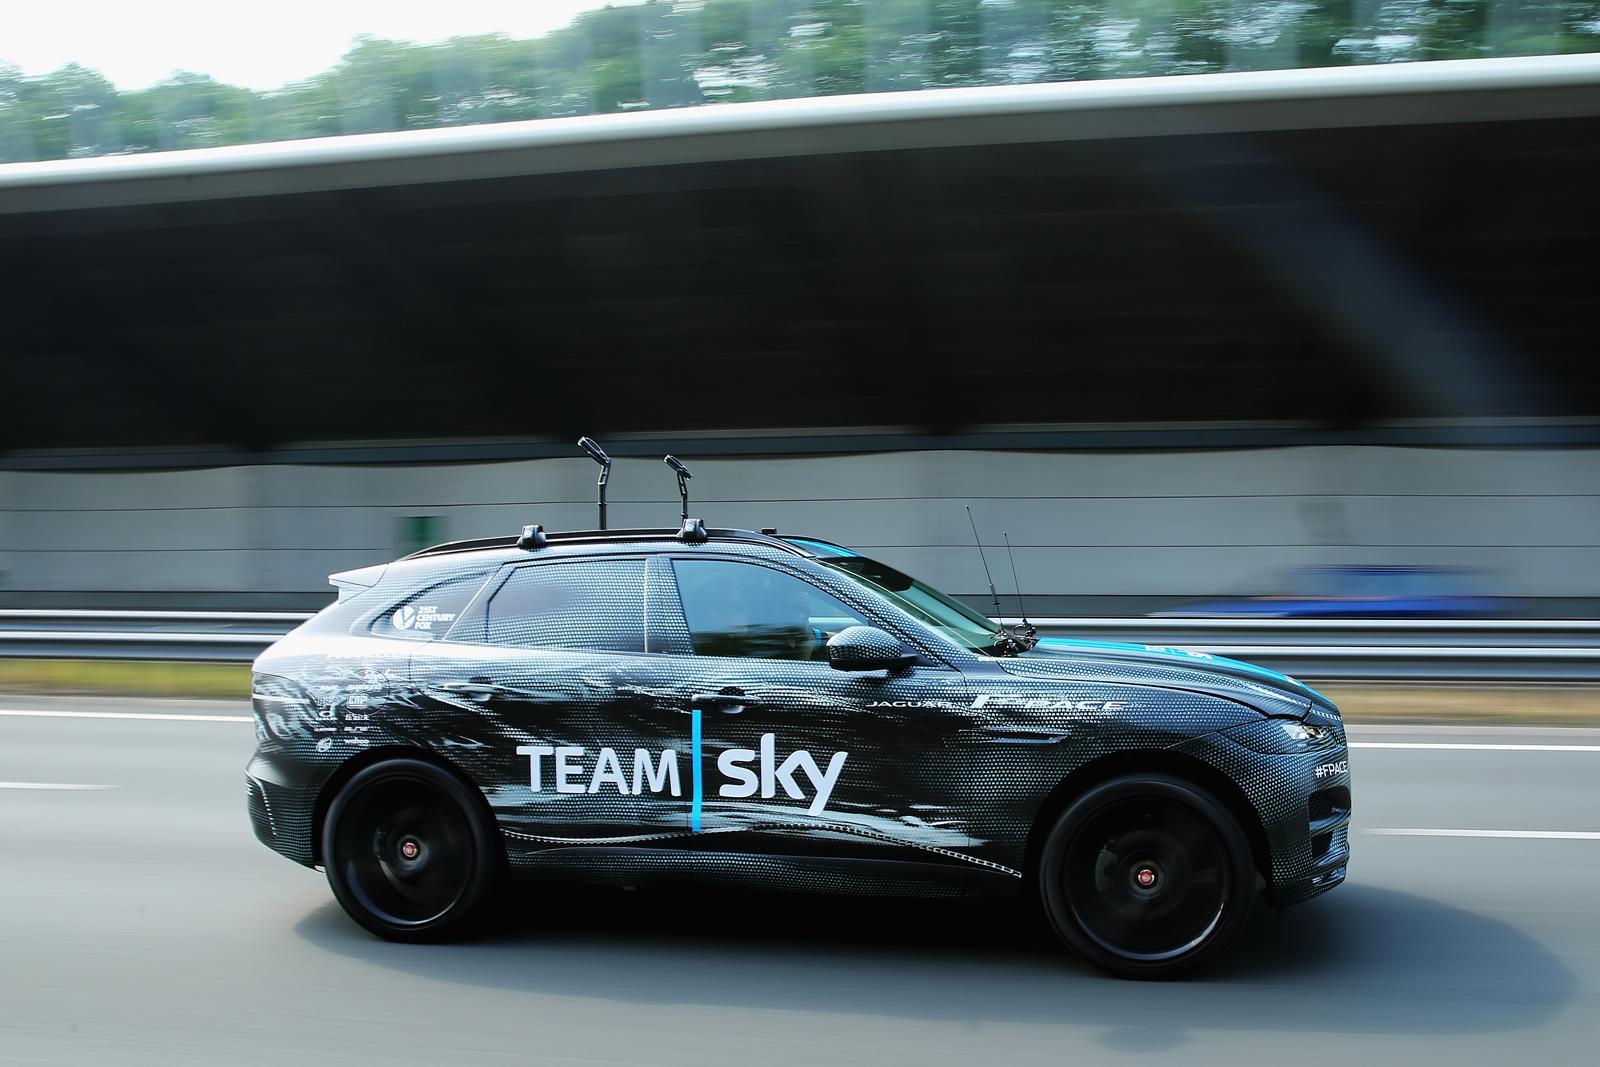 Jaguar Cars - News: Jaguar F-Pace breaks cover at Tour de France